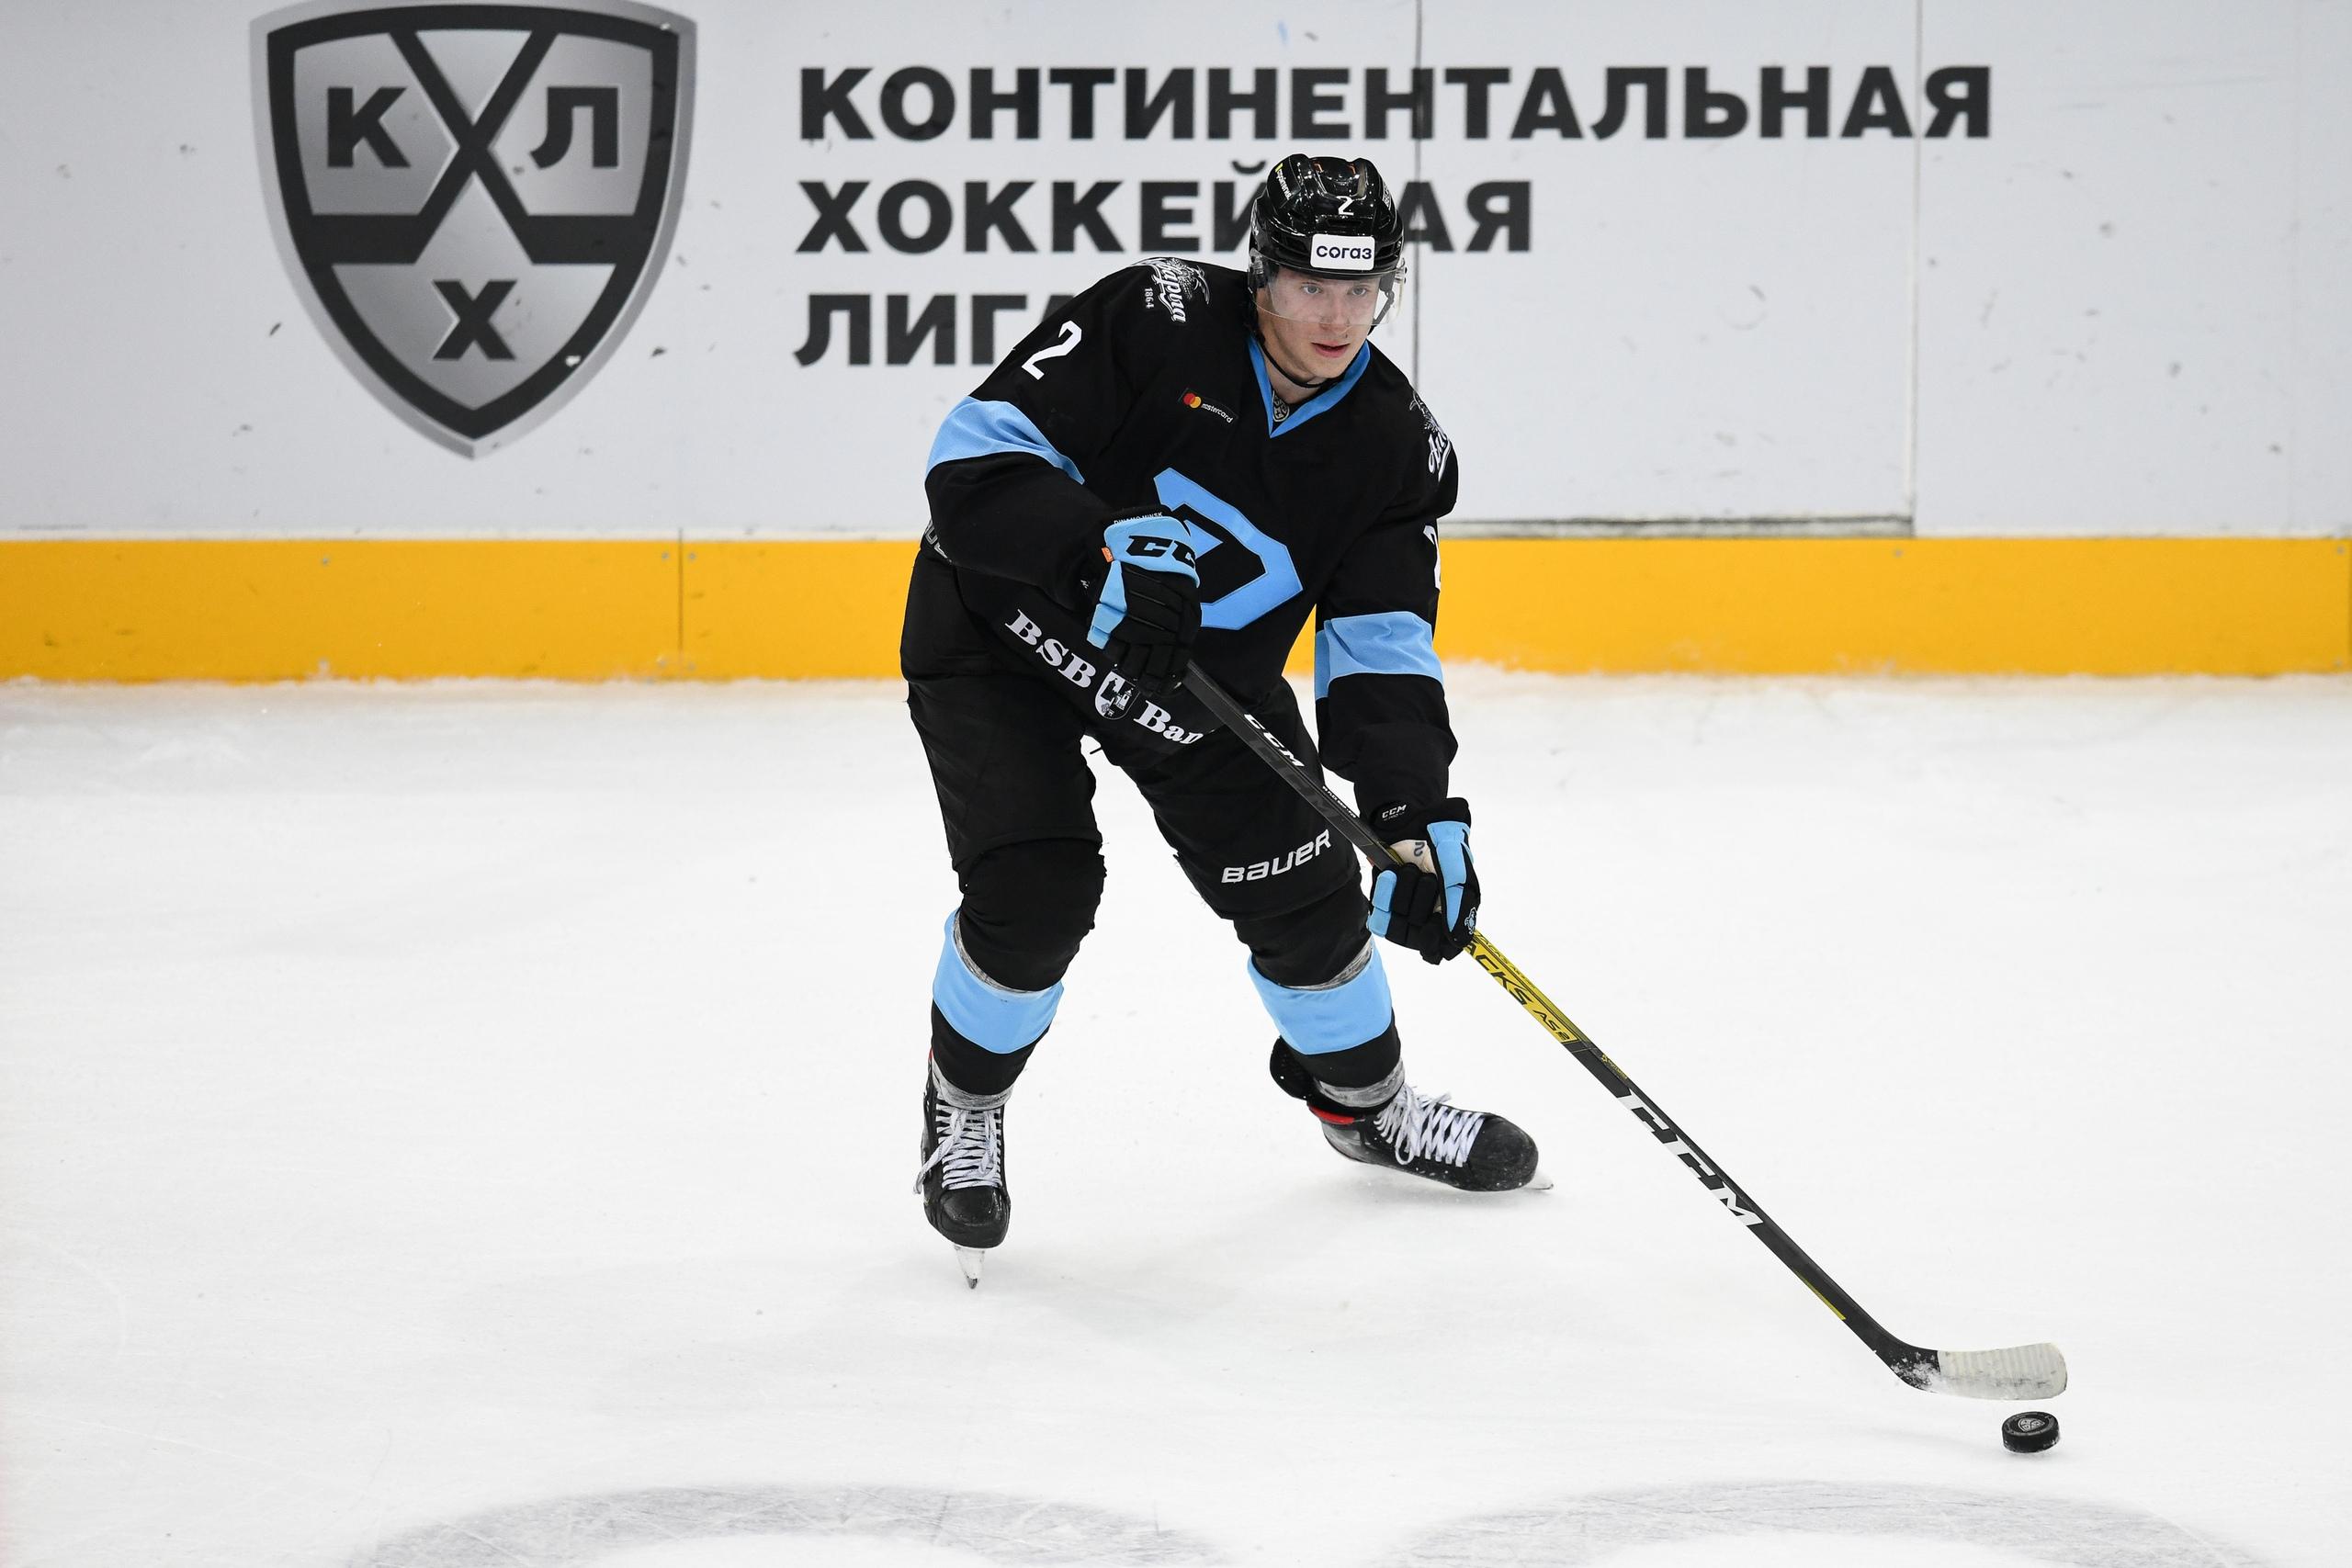 Илья Соловьев: «Ночью поздравляли с выбором на драфте НХЛ, было приятно»